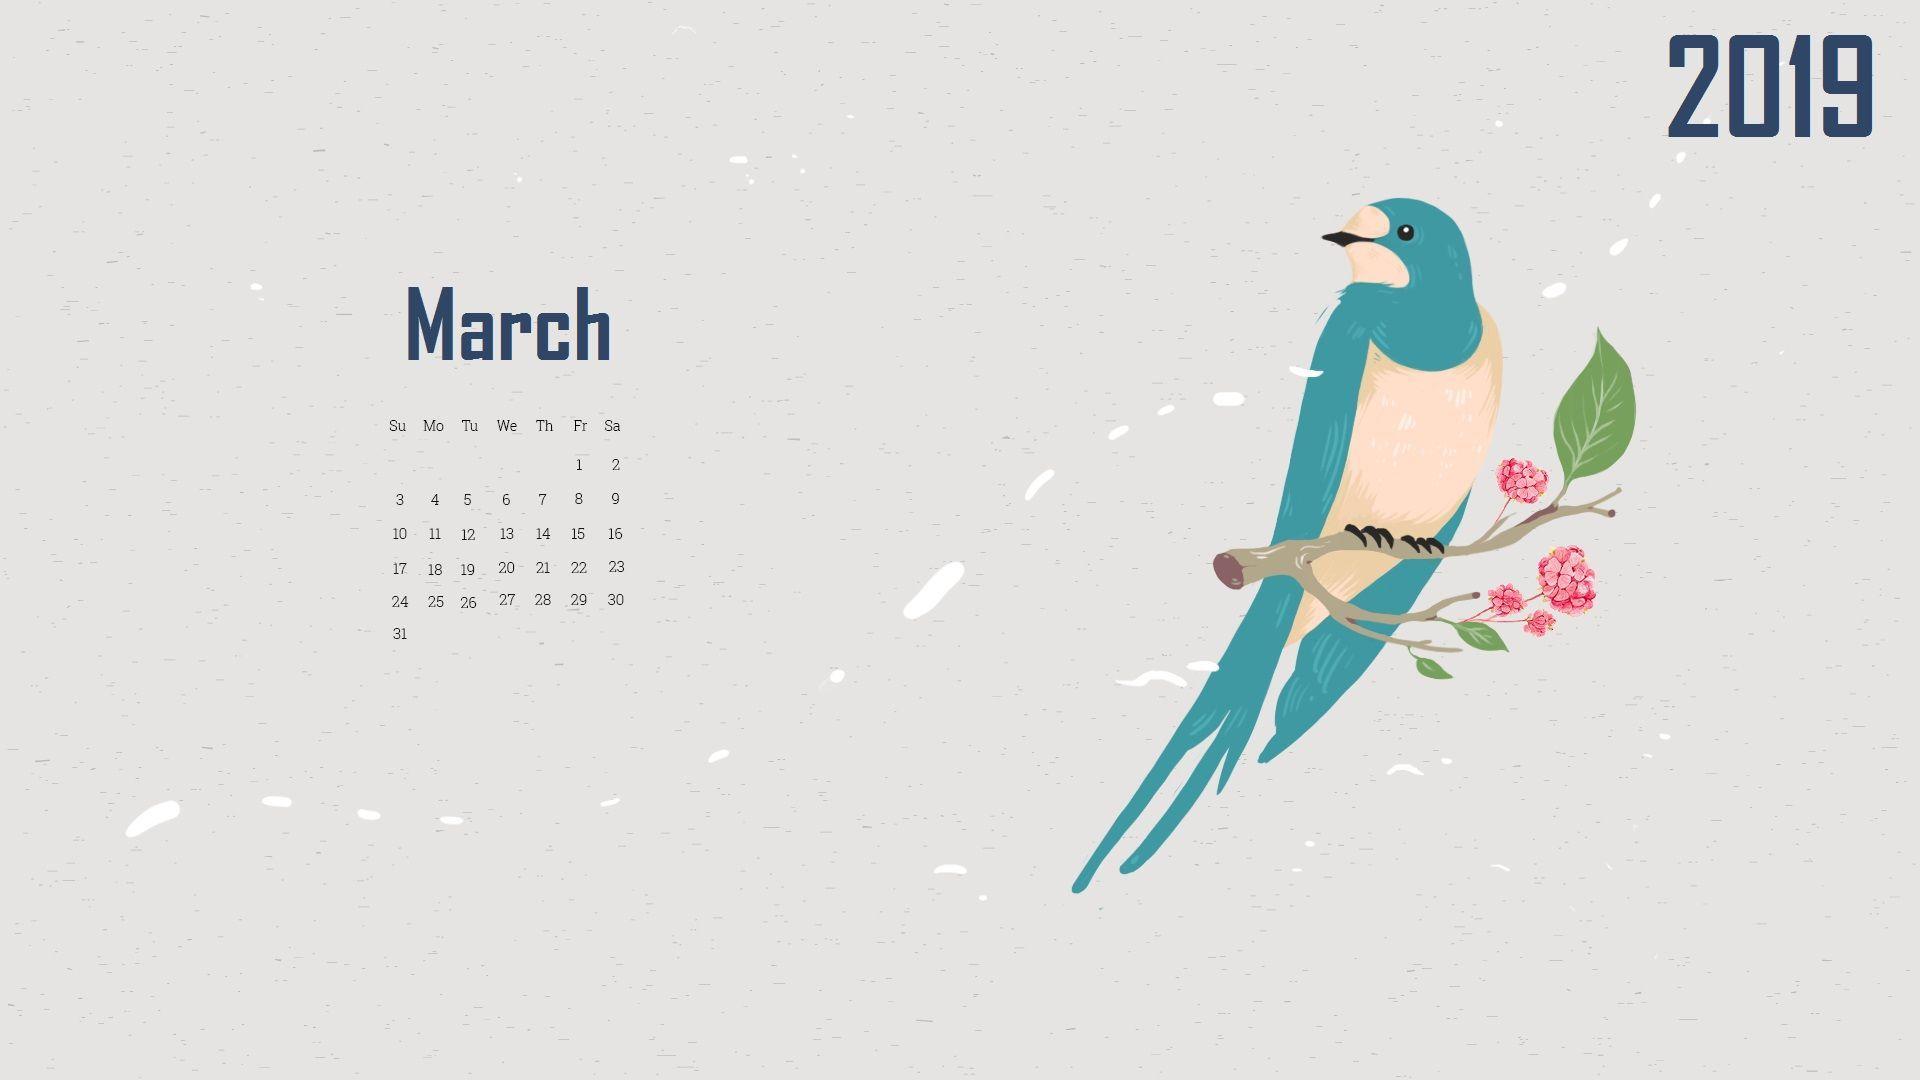 March 2019 Desktop Calendar HD Wallpaper March2019 2019Calendar 1920x1080